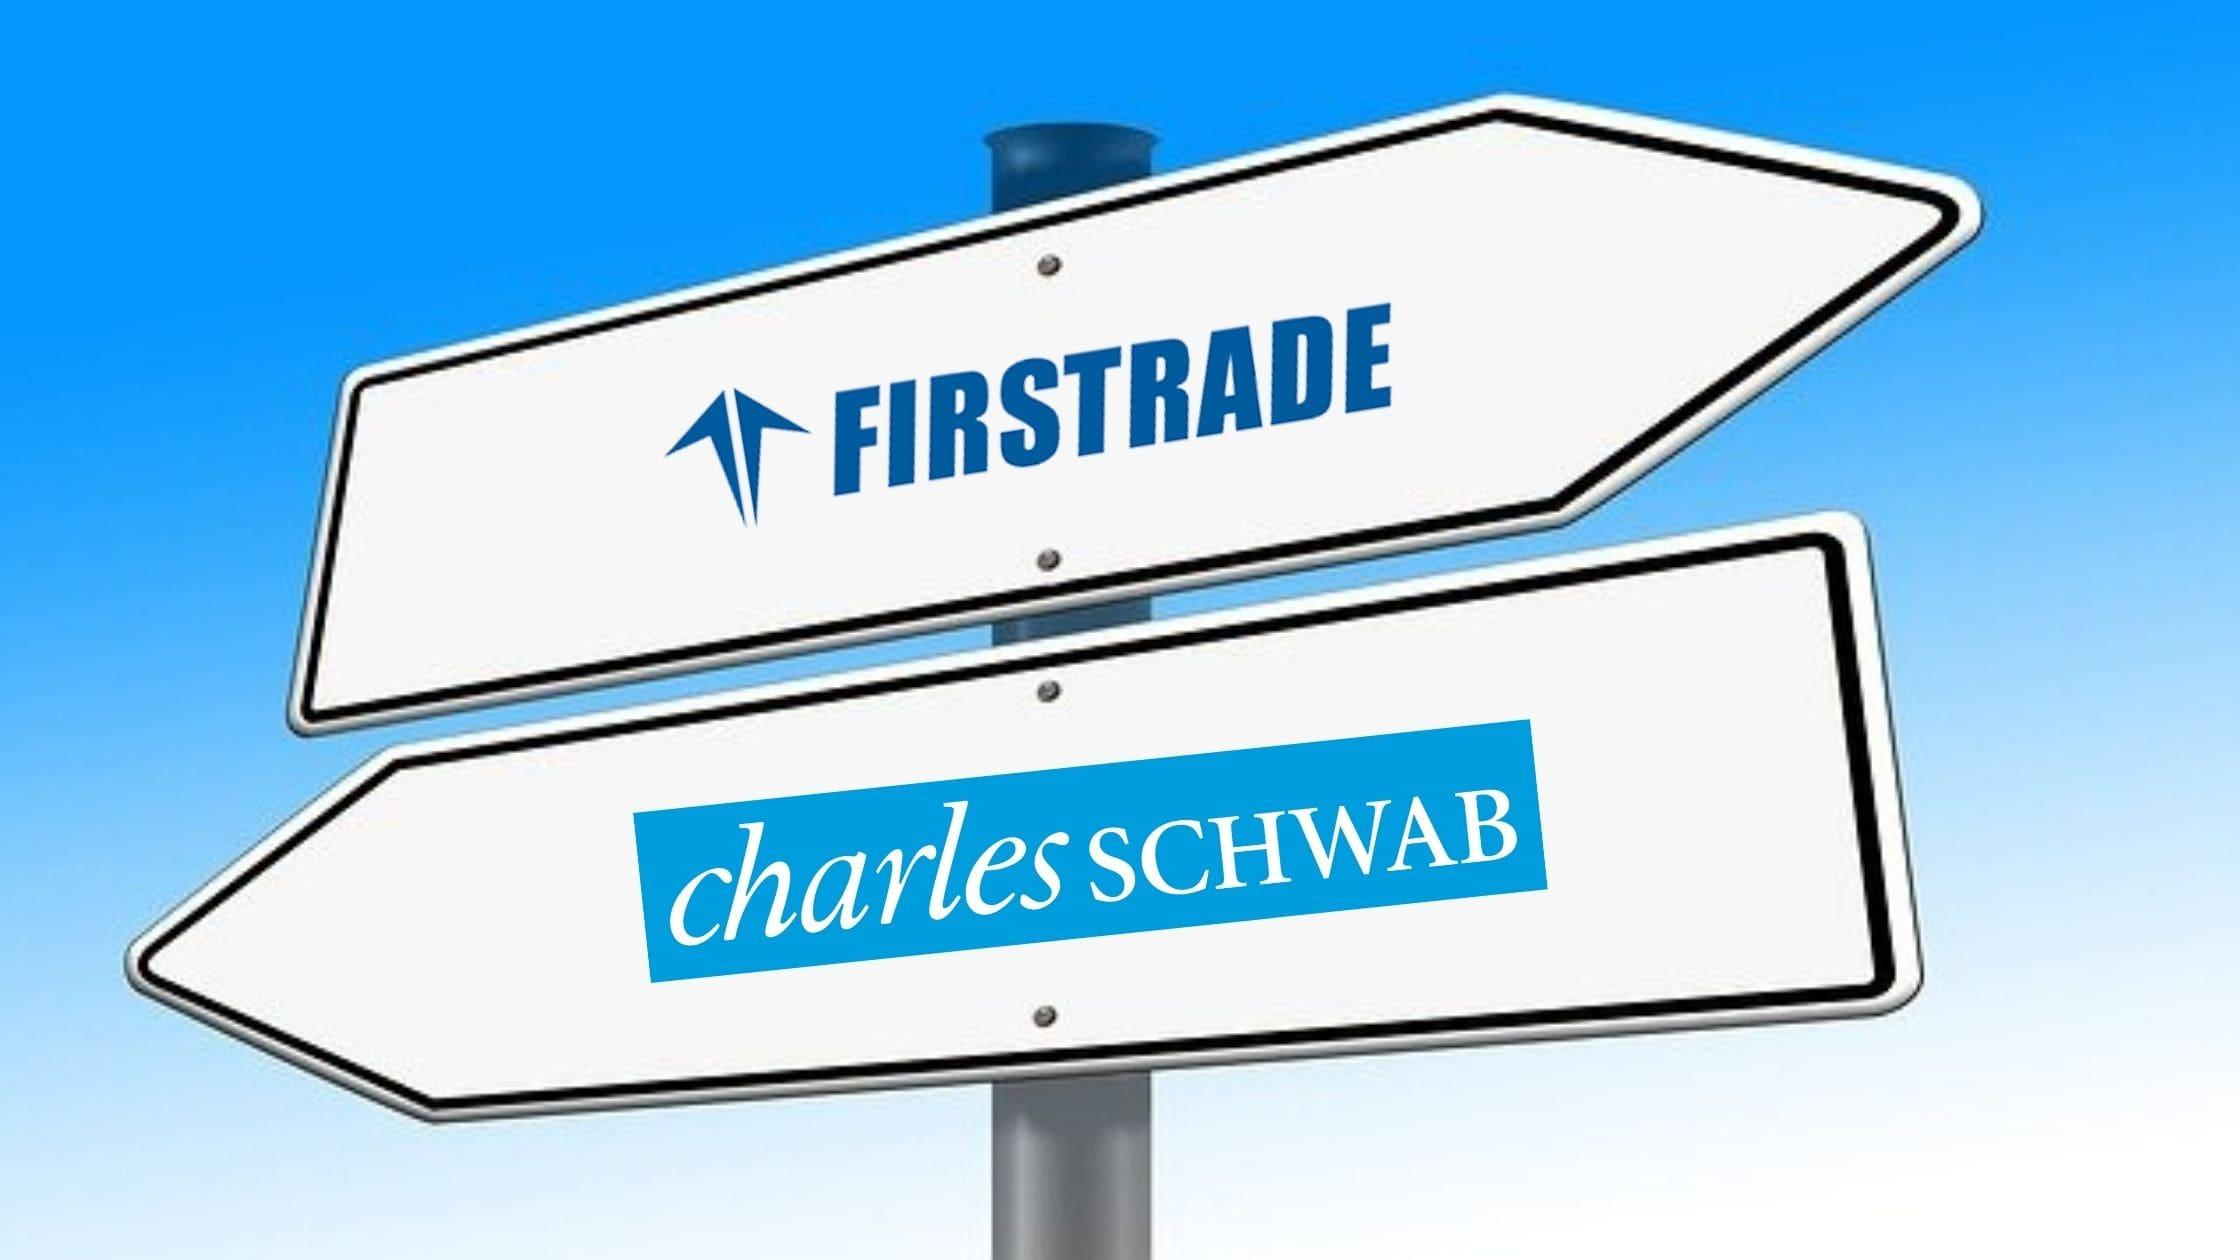 FirstradeからCharles Schwabへ移管してみた